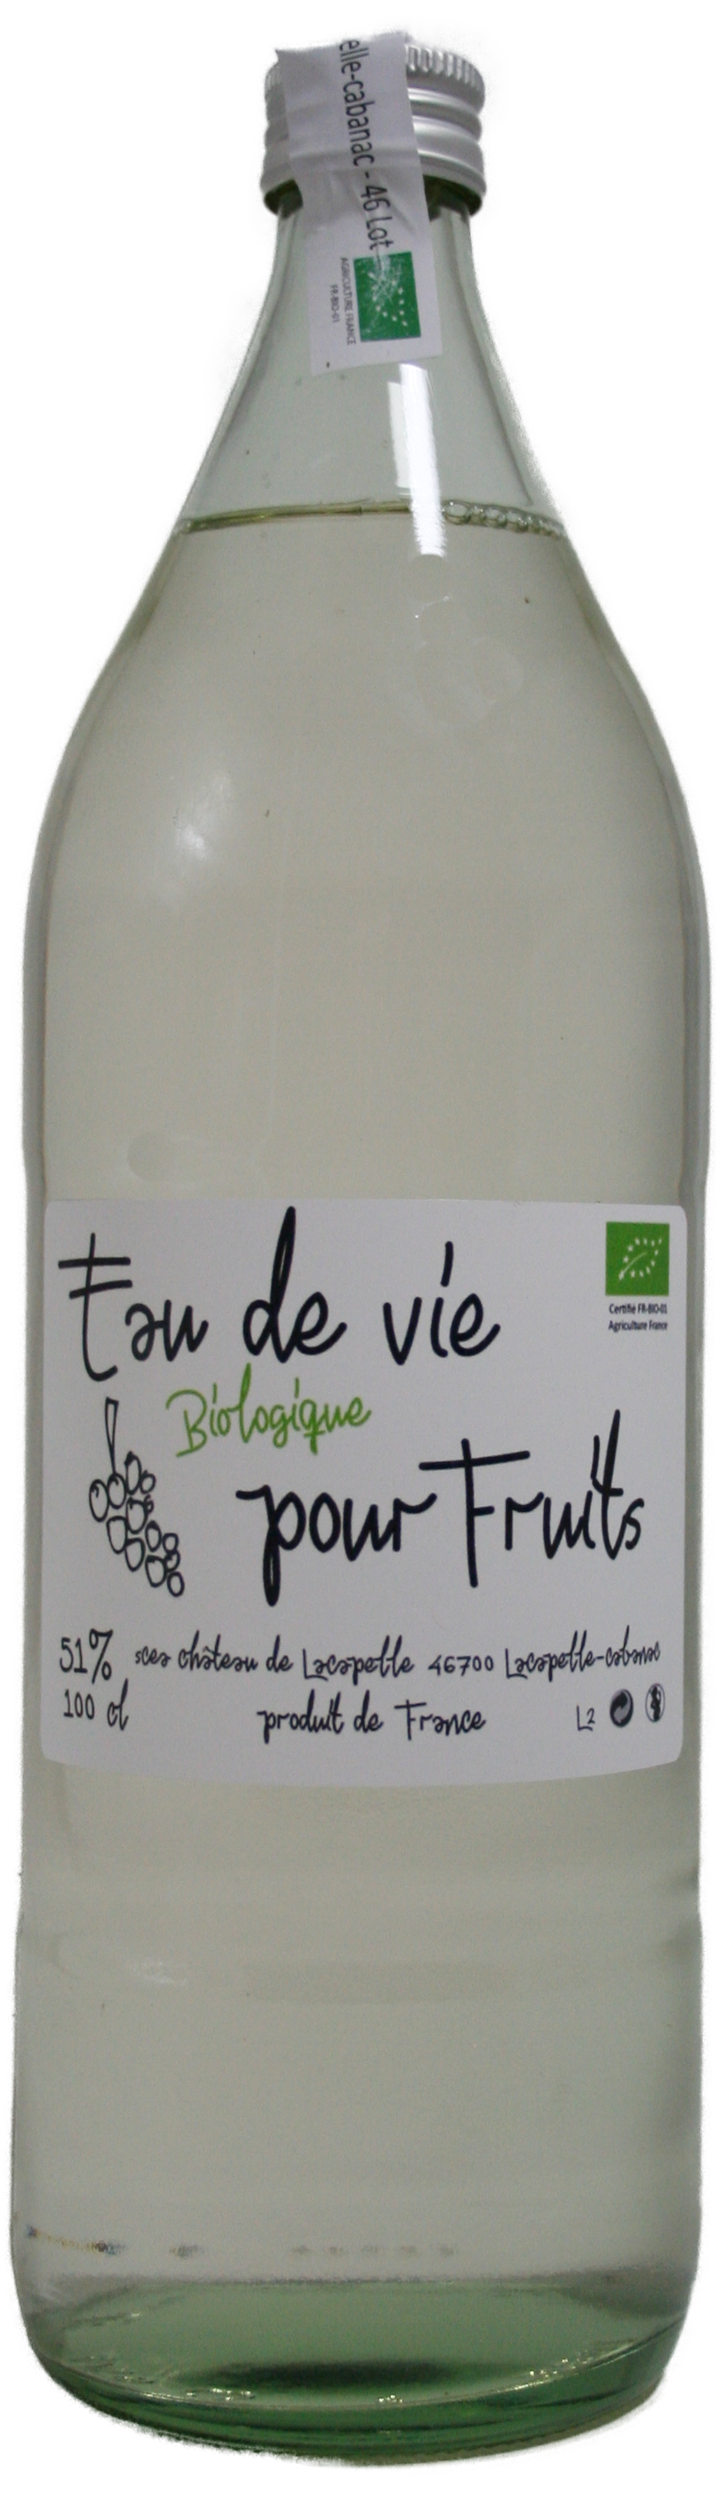 eaudeviepfruit